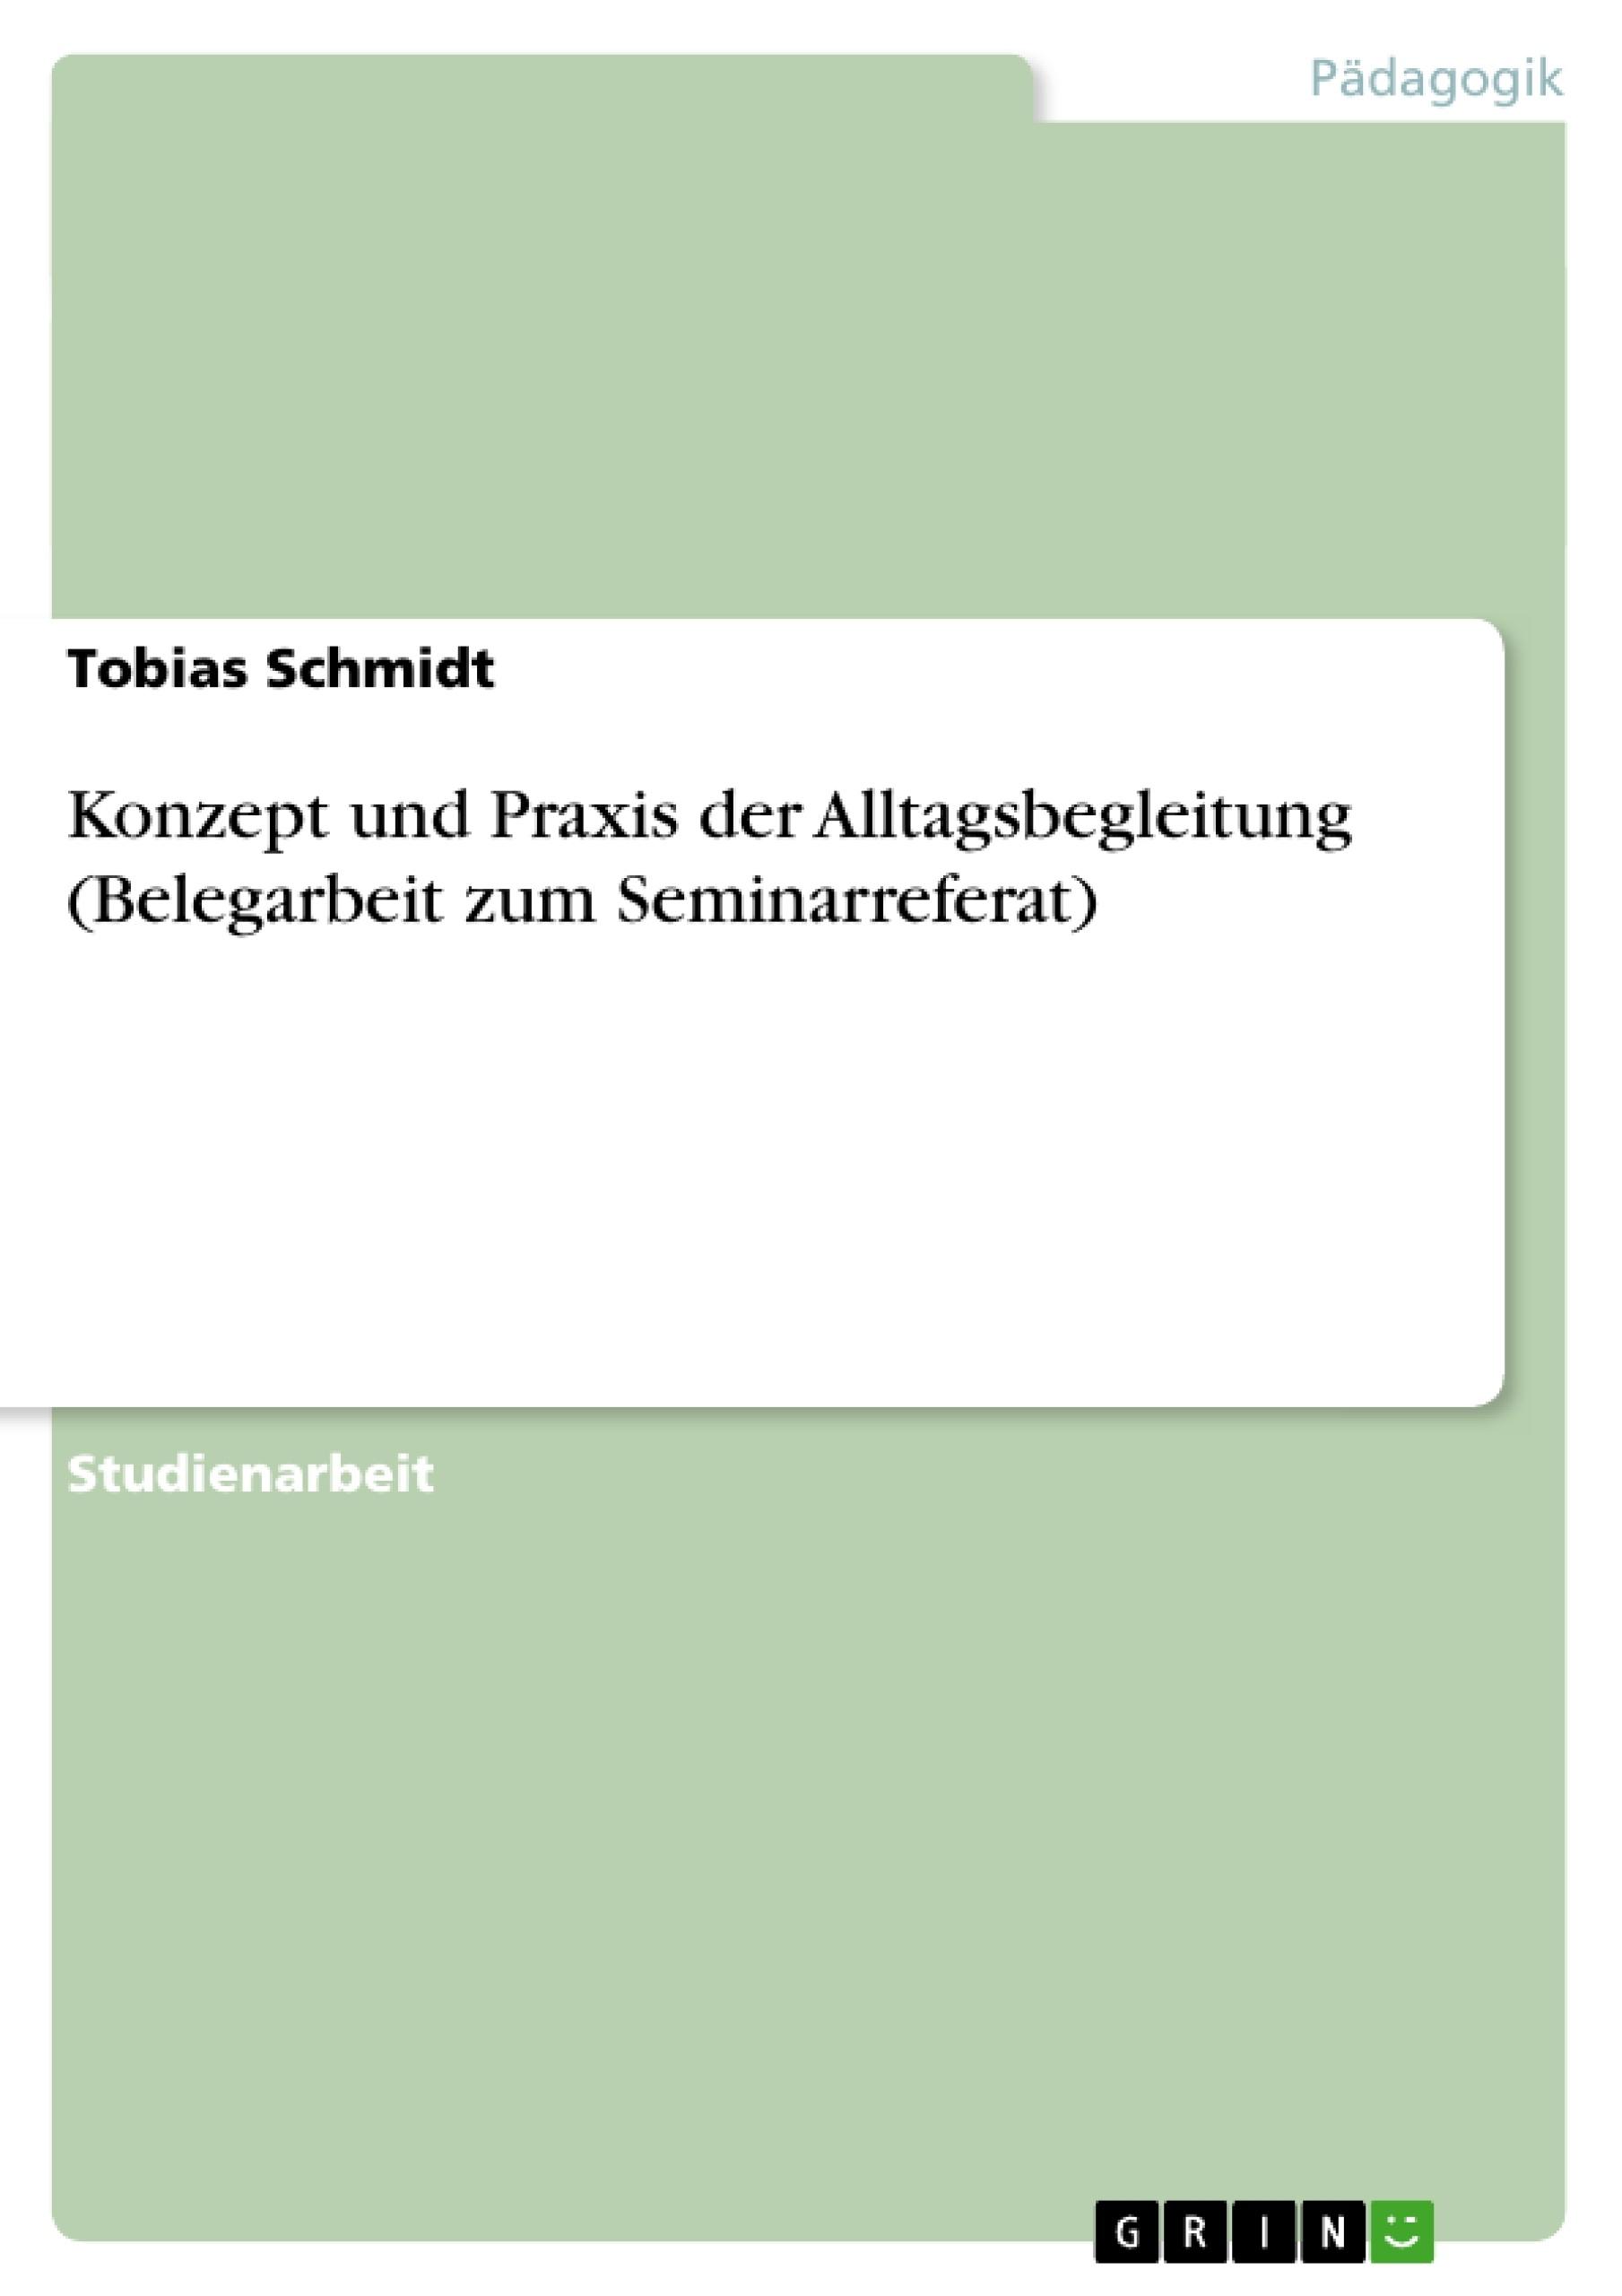 Titel: Konzept und Praxis der Alltagsbegleitung (Belegarbeit zum Seminarreferat)